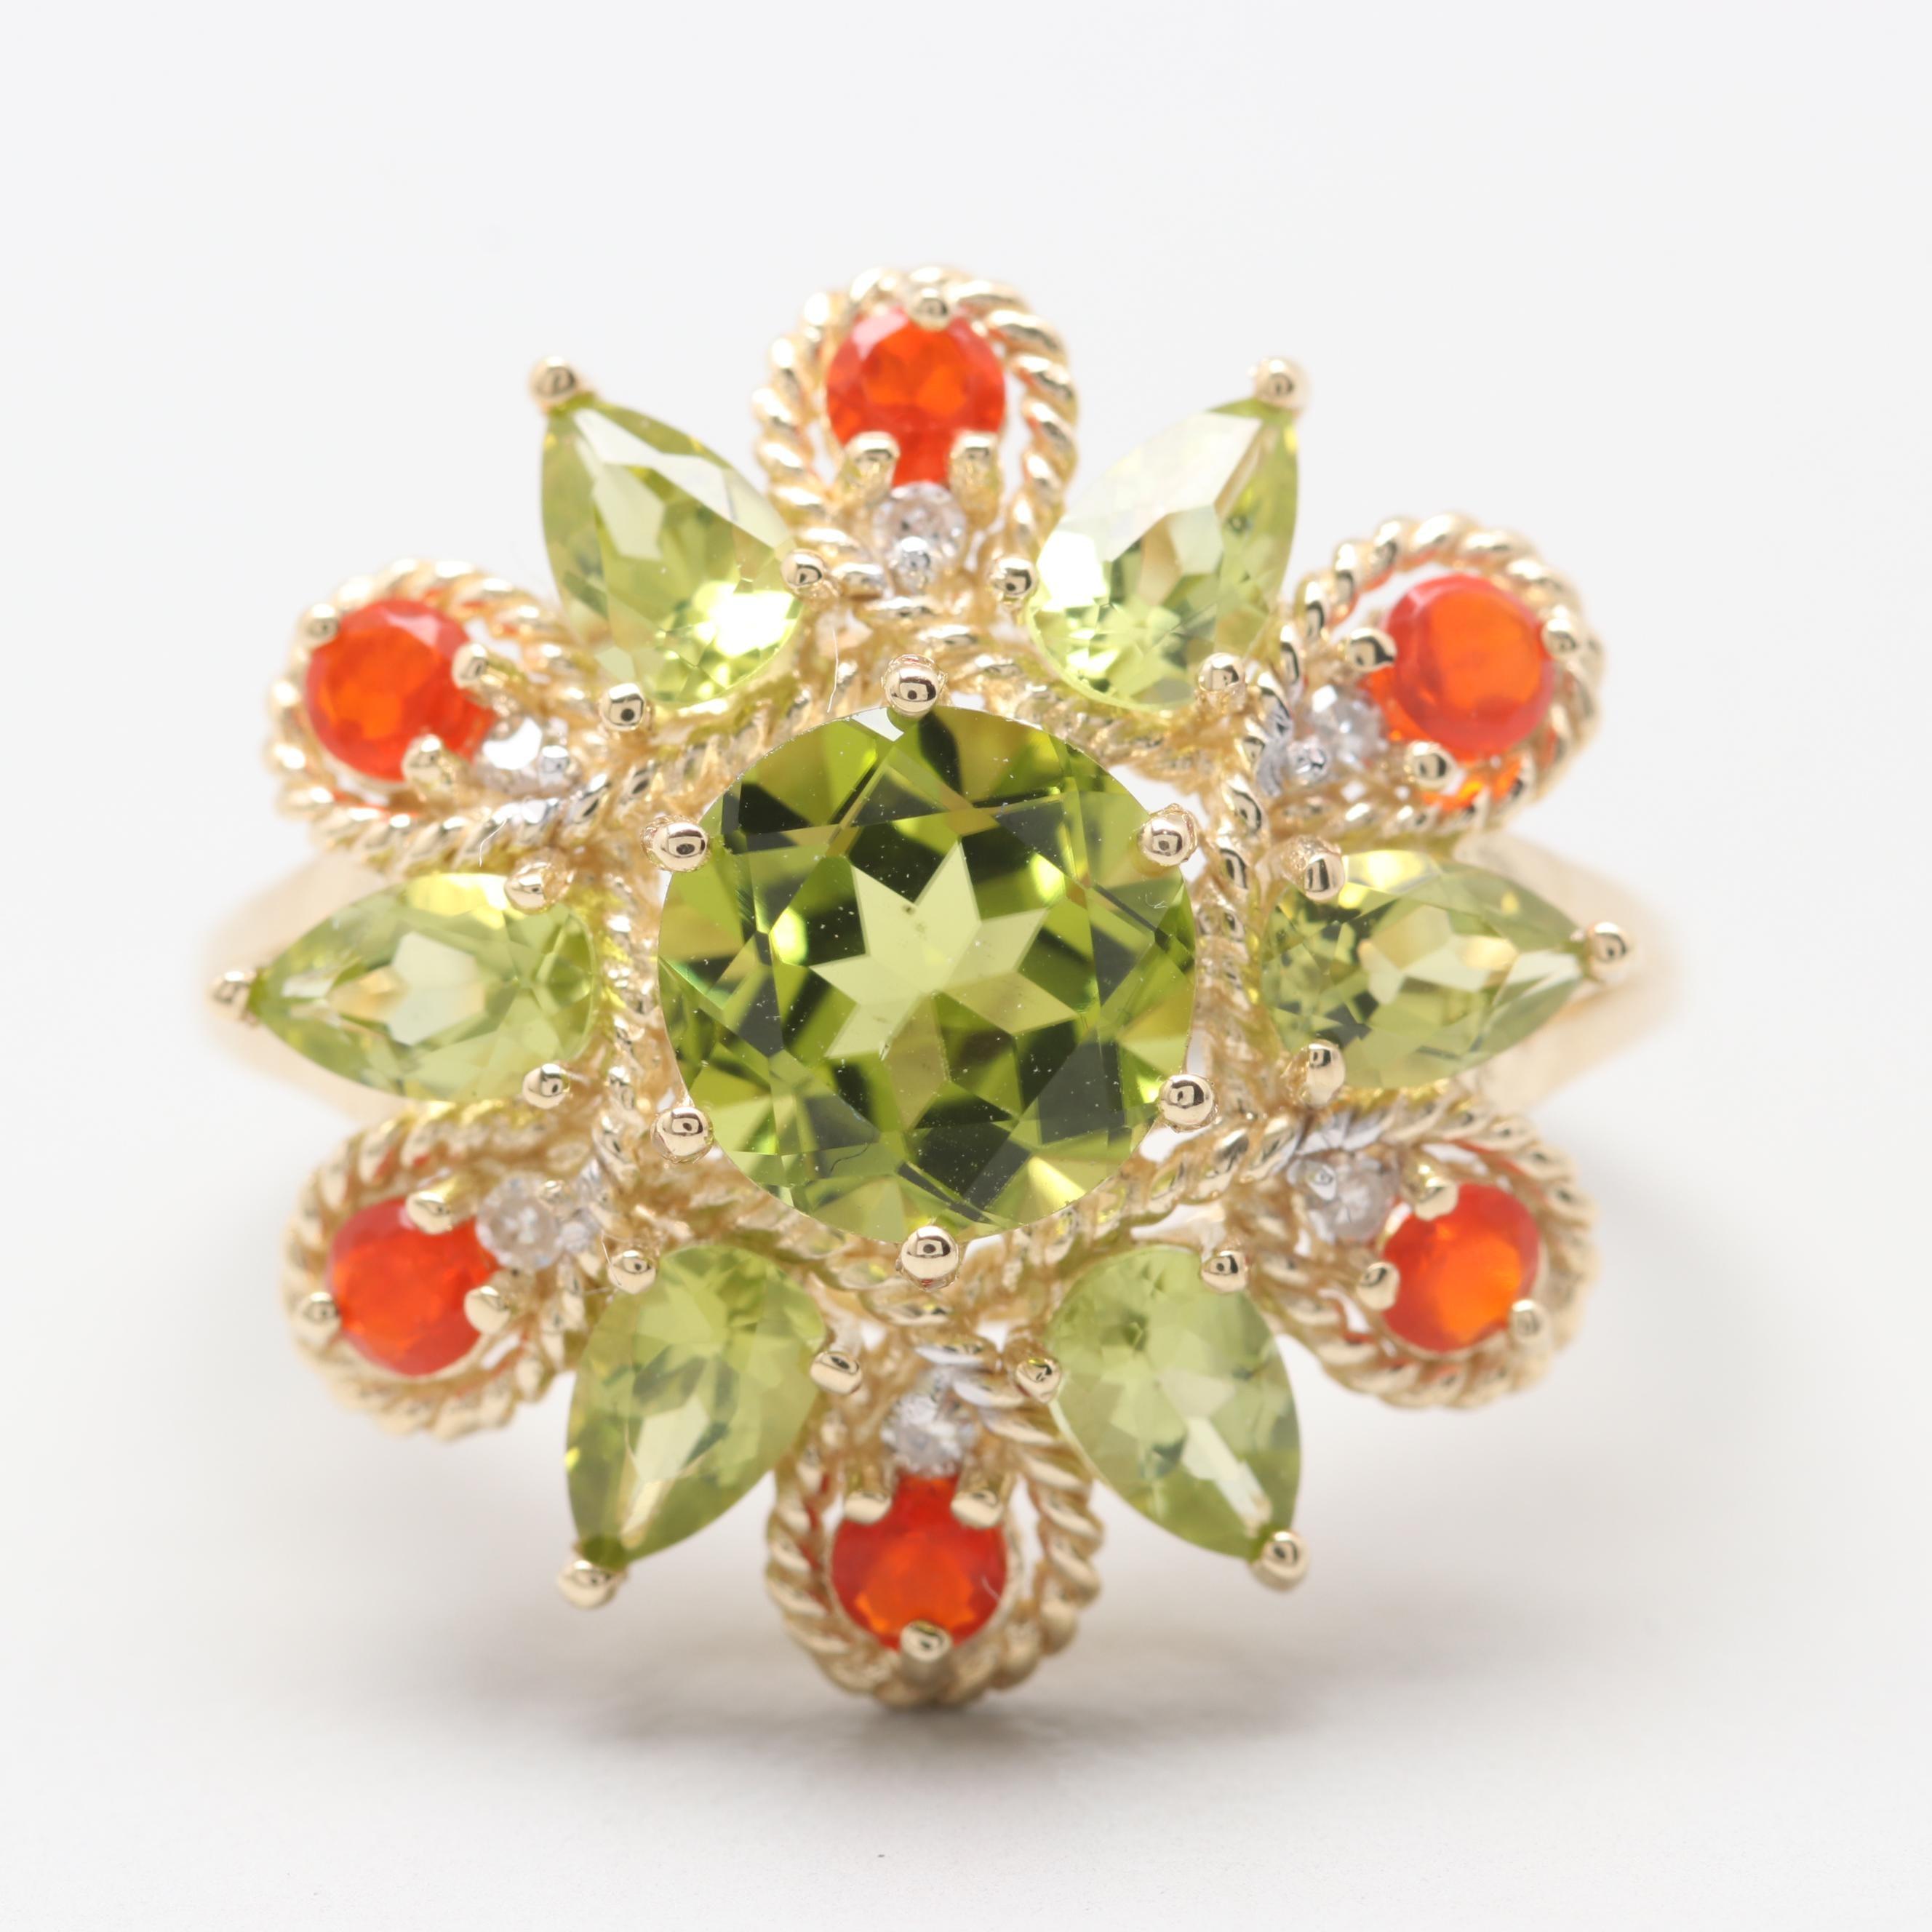 14K Yellow Gold Peridot, Opal and Diamond Ring